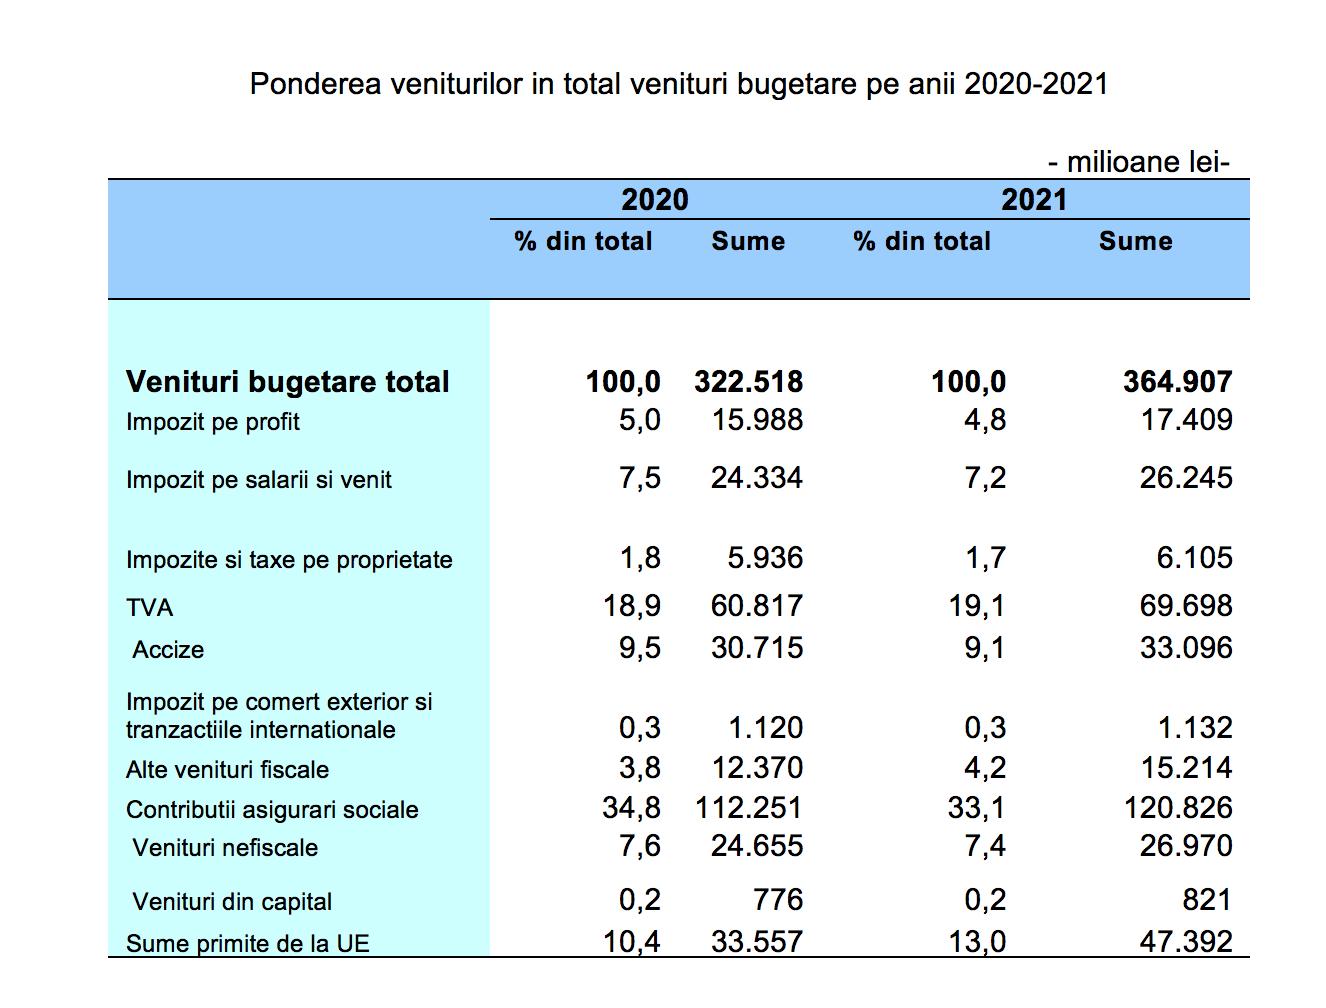 veniuri bugetare 2020-2021